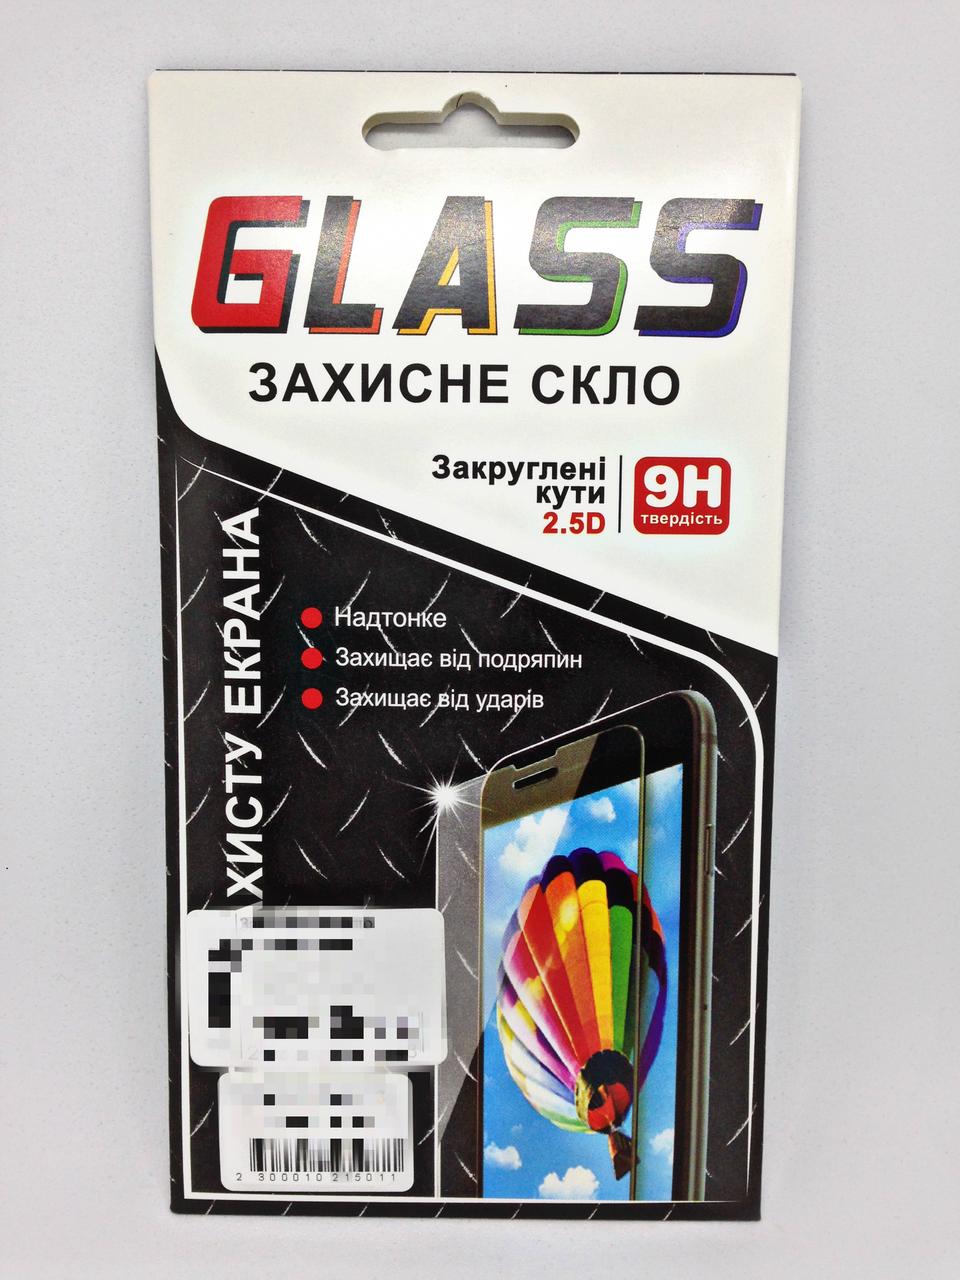 Защитное стекло Xiaomi Mi 5s Transparent